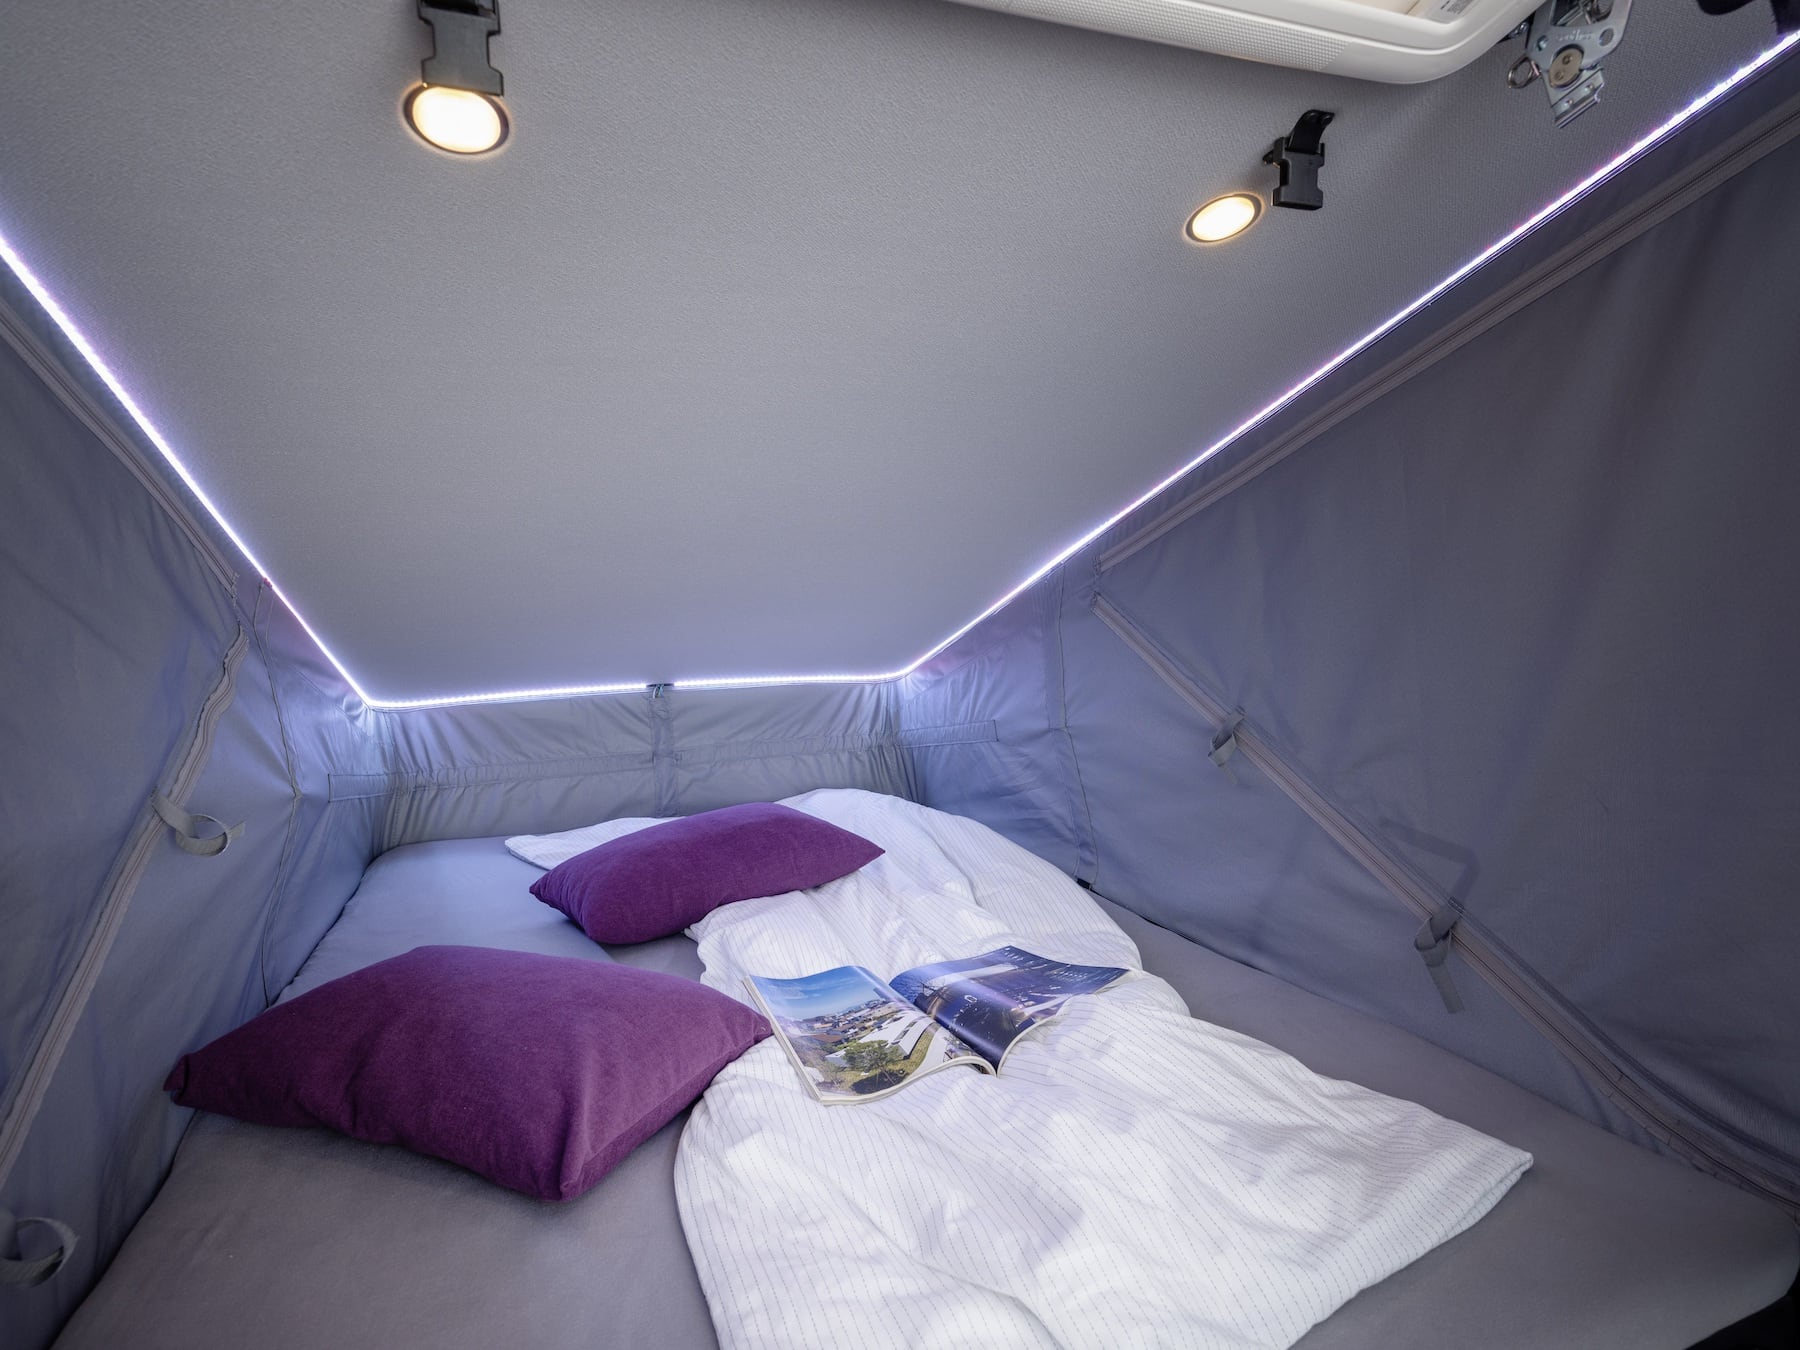 Die LED Leiste im Hochdach sorgt auch nachts für eine angenehme Beleuchtung